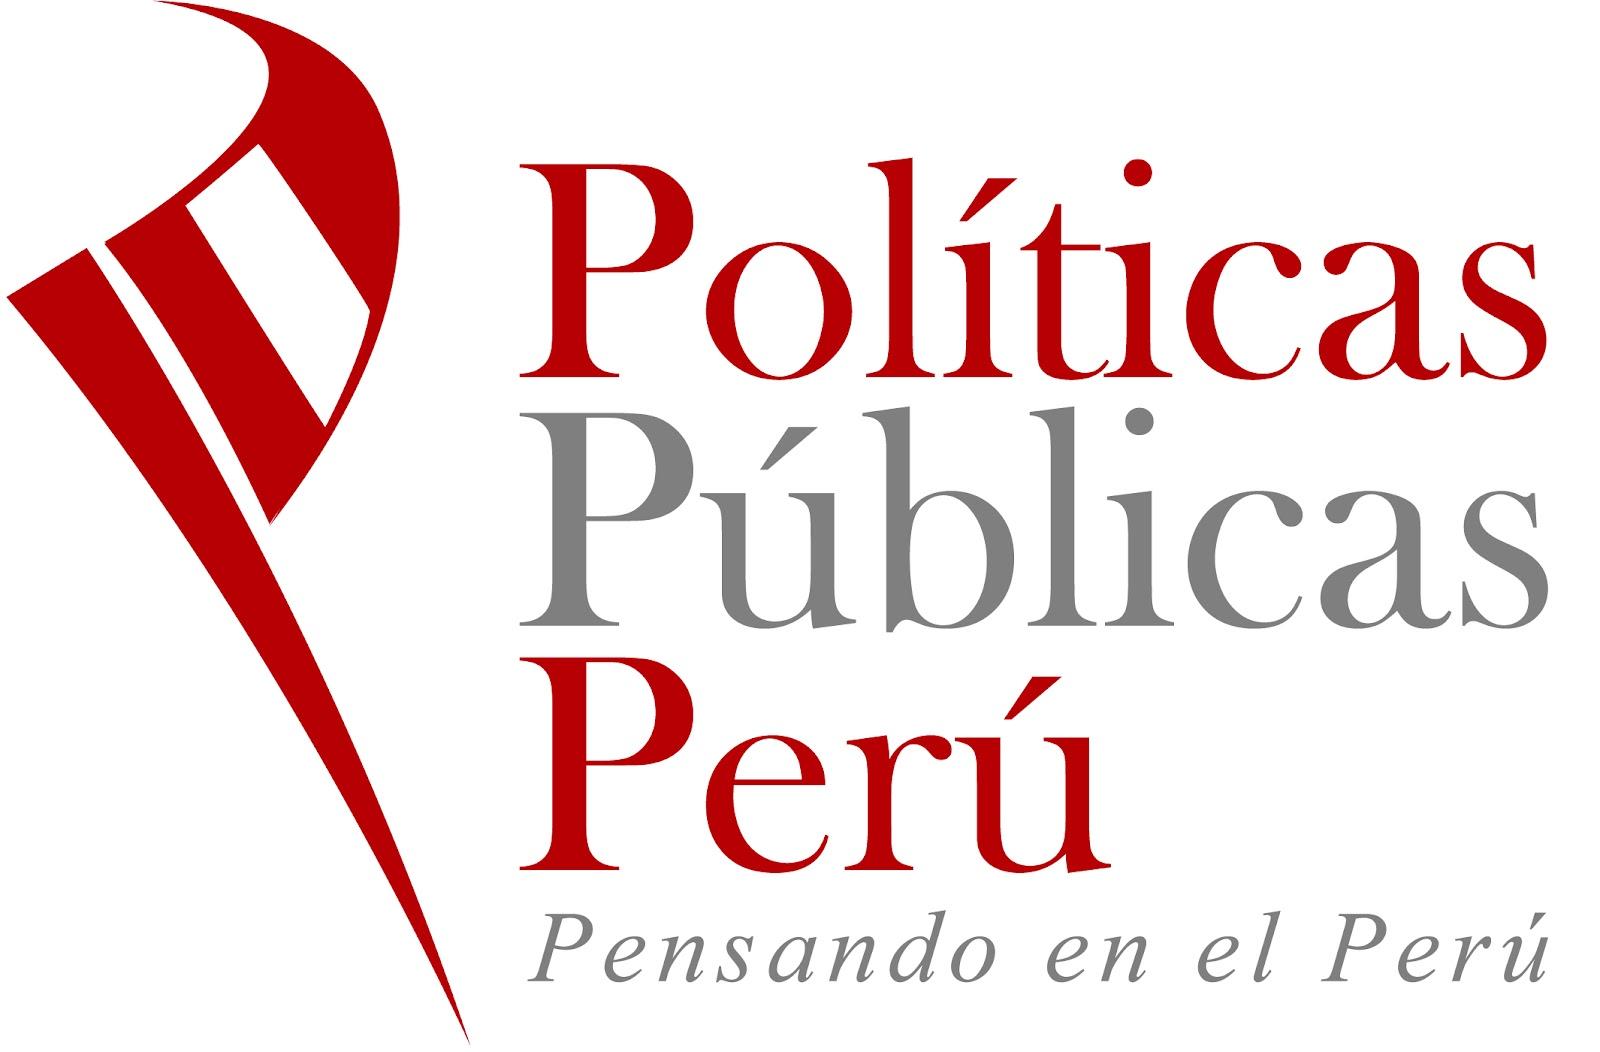 Politicas_1a-1.jpg